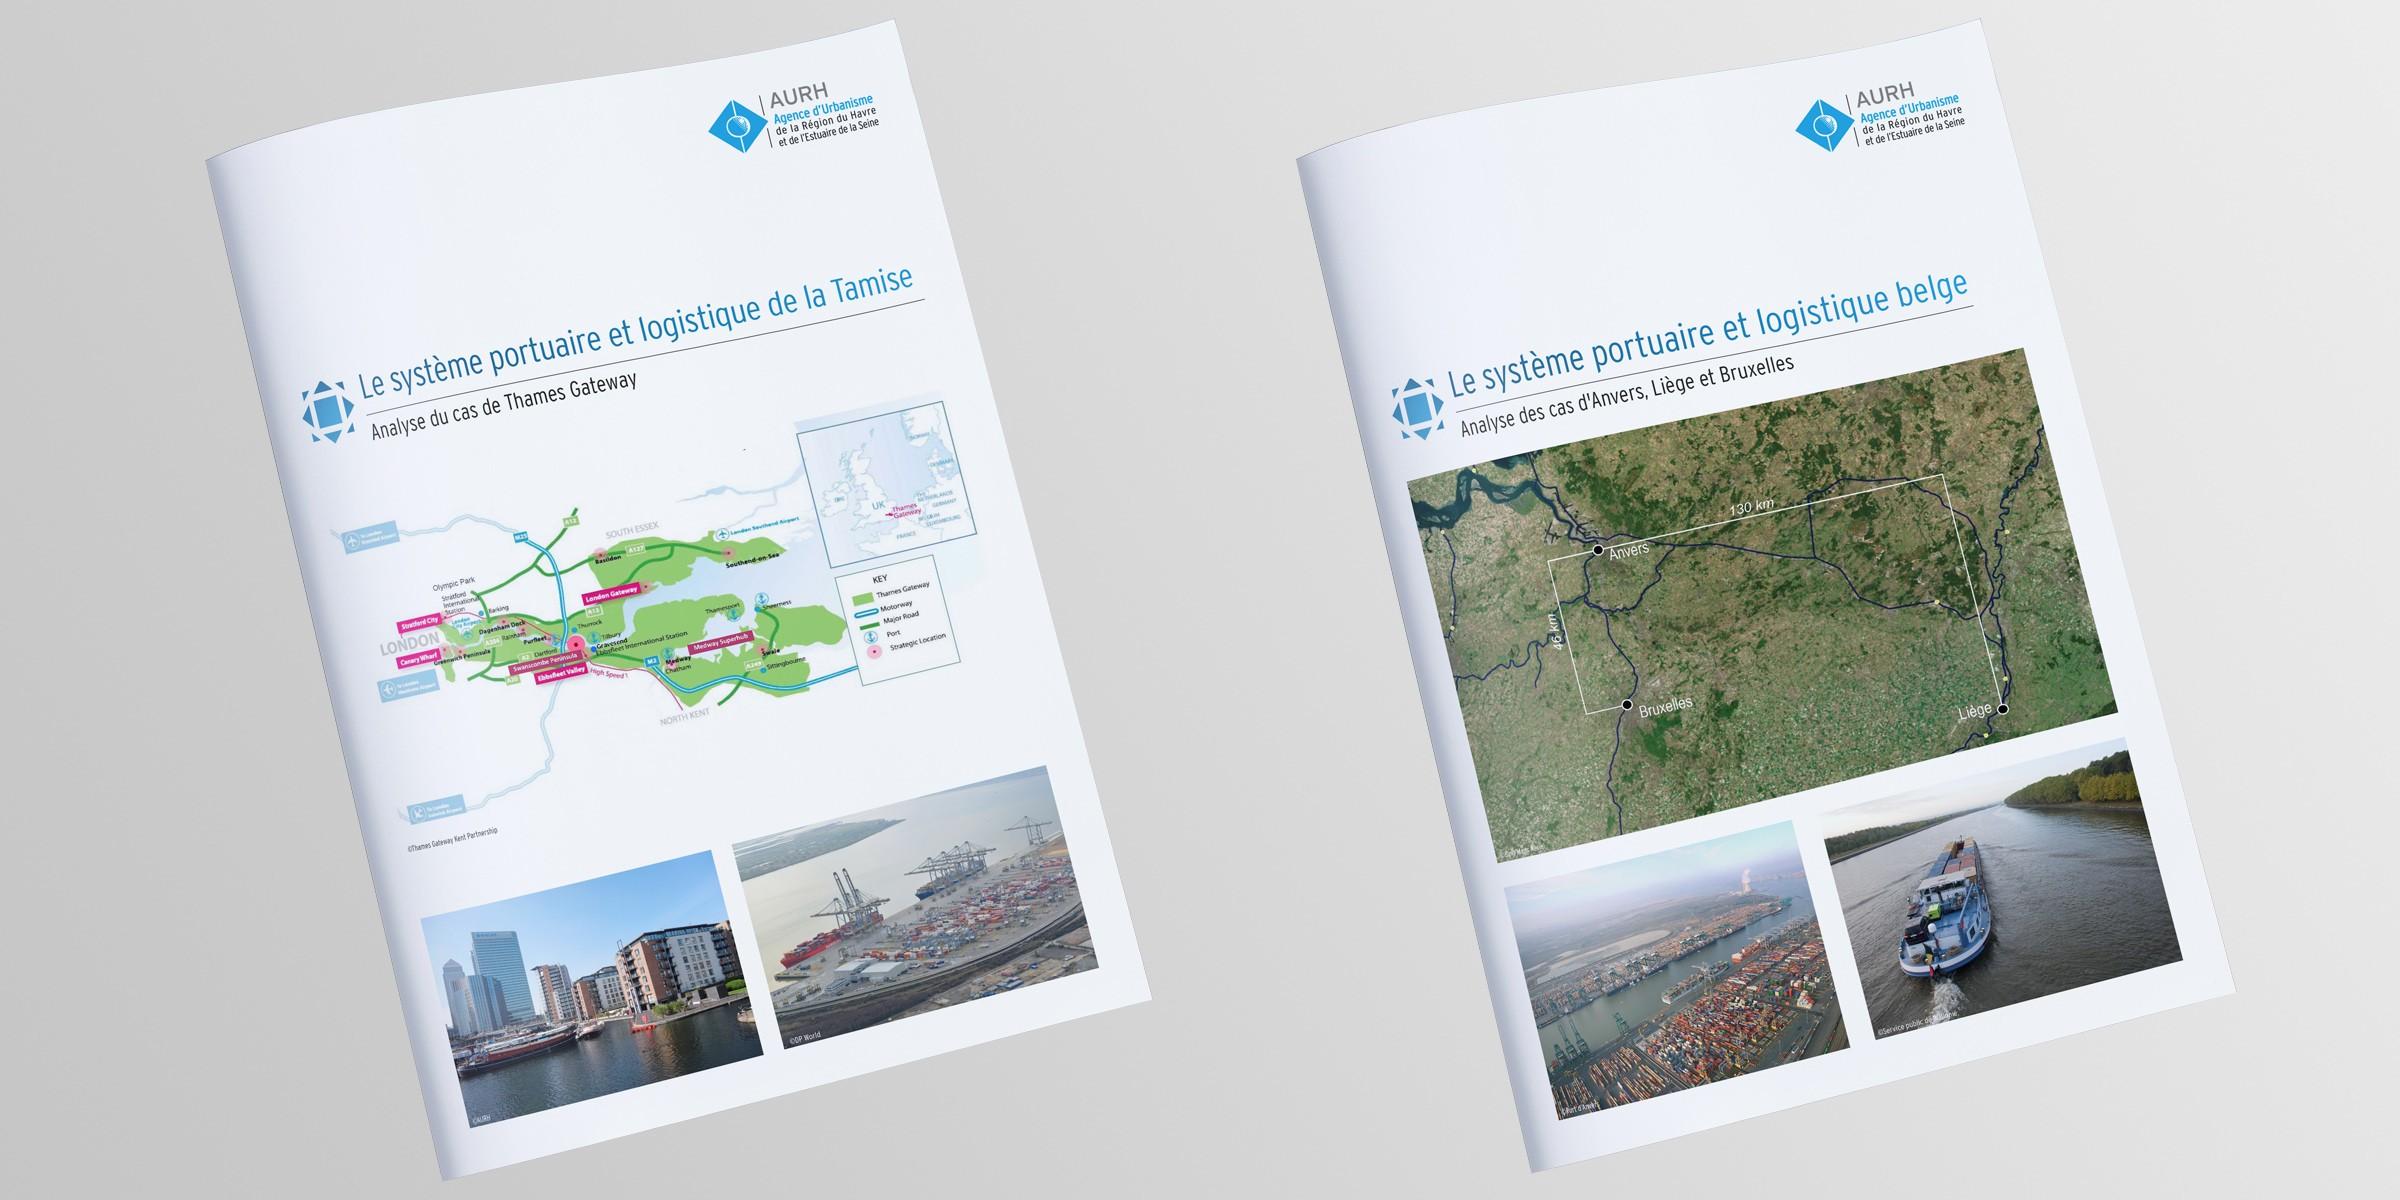 Les systèmes portuaires et logistiques belges et londoniens